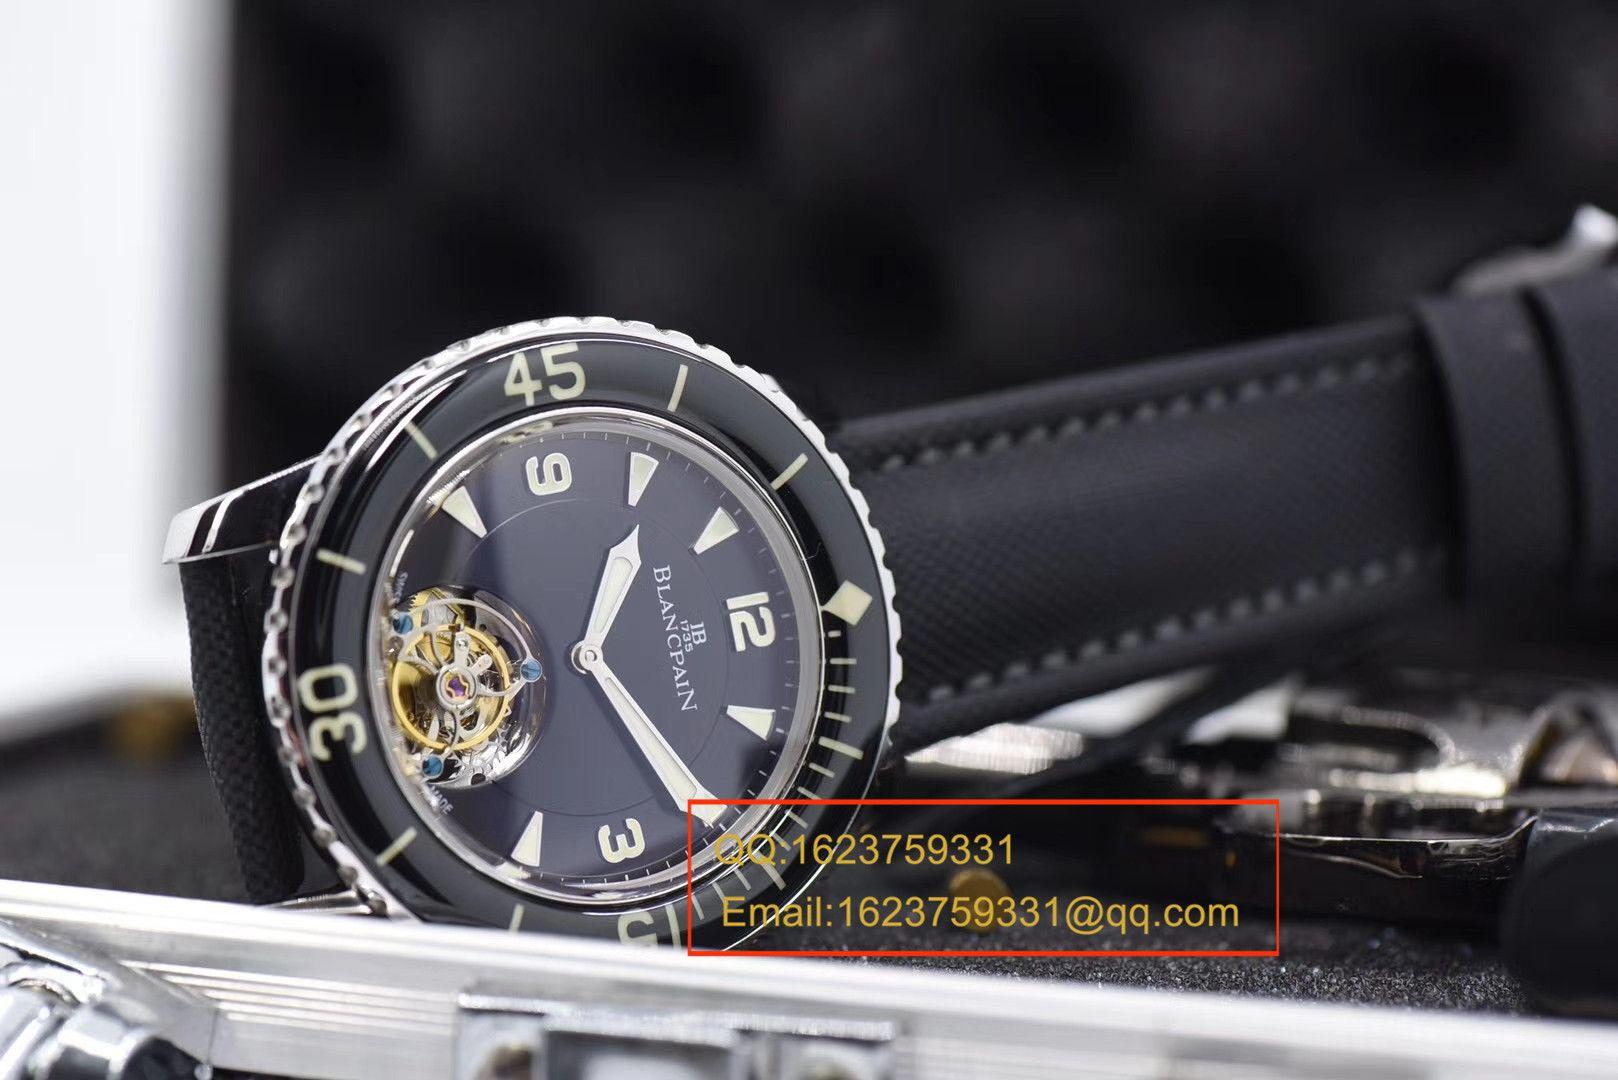 【视频评测ZF一比一超A高仿手表】宝珀五十噚系列陀飞轮腕表 / BPDH036